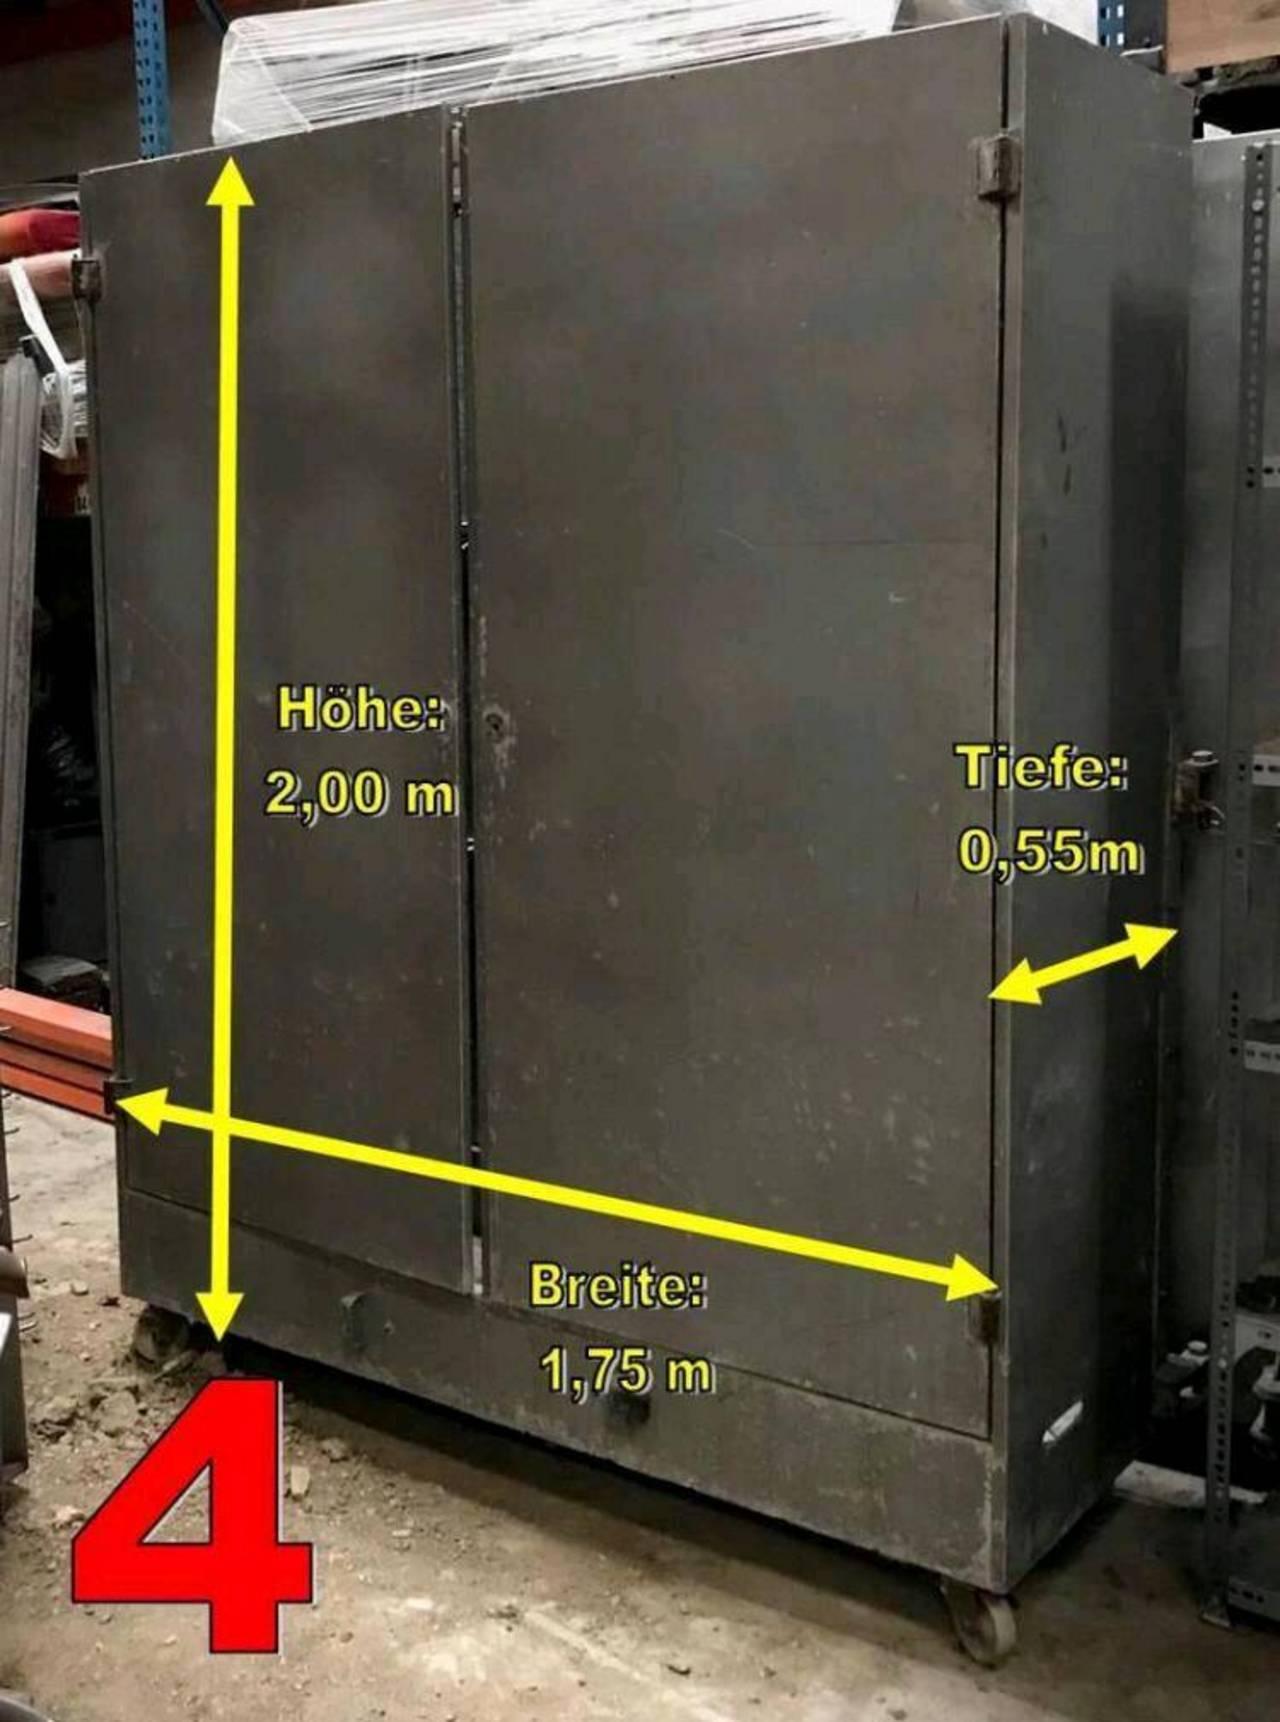 Full Size of Werkstatt Regale Gebraucht Regal Selber Bauen Anleitung Obi Kaufen Selbst Regalsystem Hornbach Holzregal Schlafzimmer Tiefe 30 Cm Glasböden Keller Badezimmer Regal Werkstatt Regal